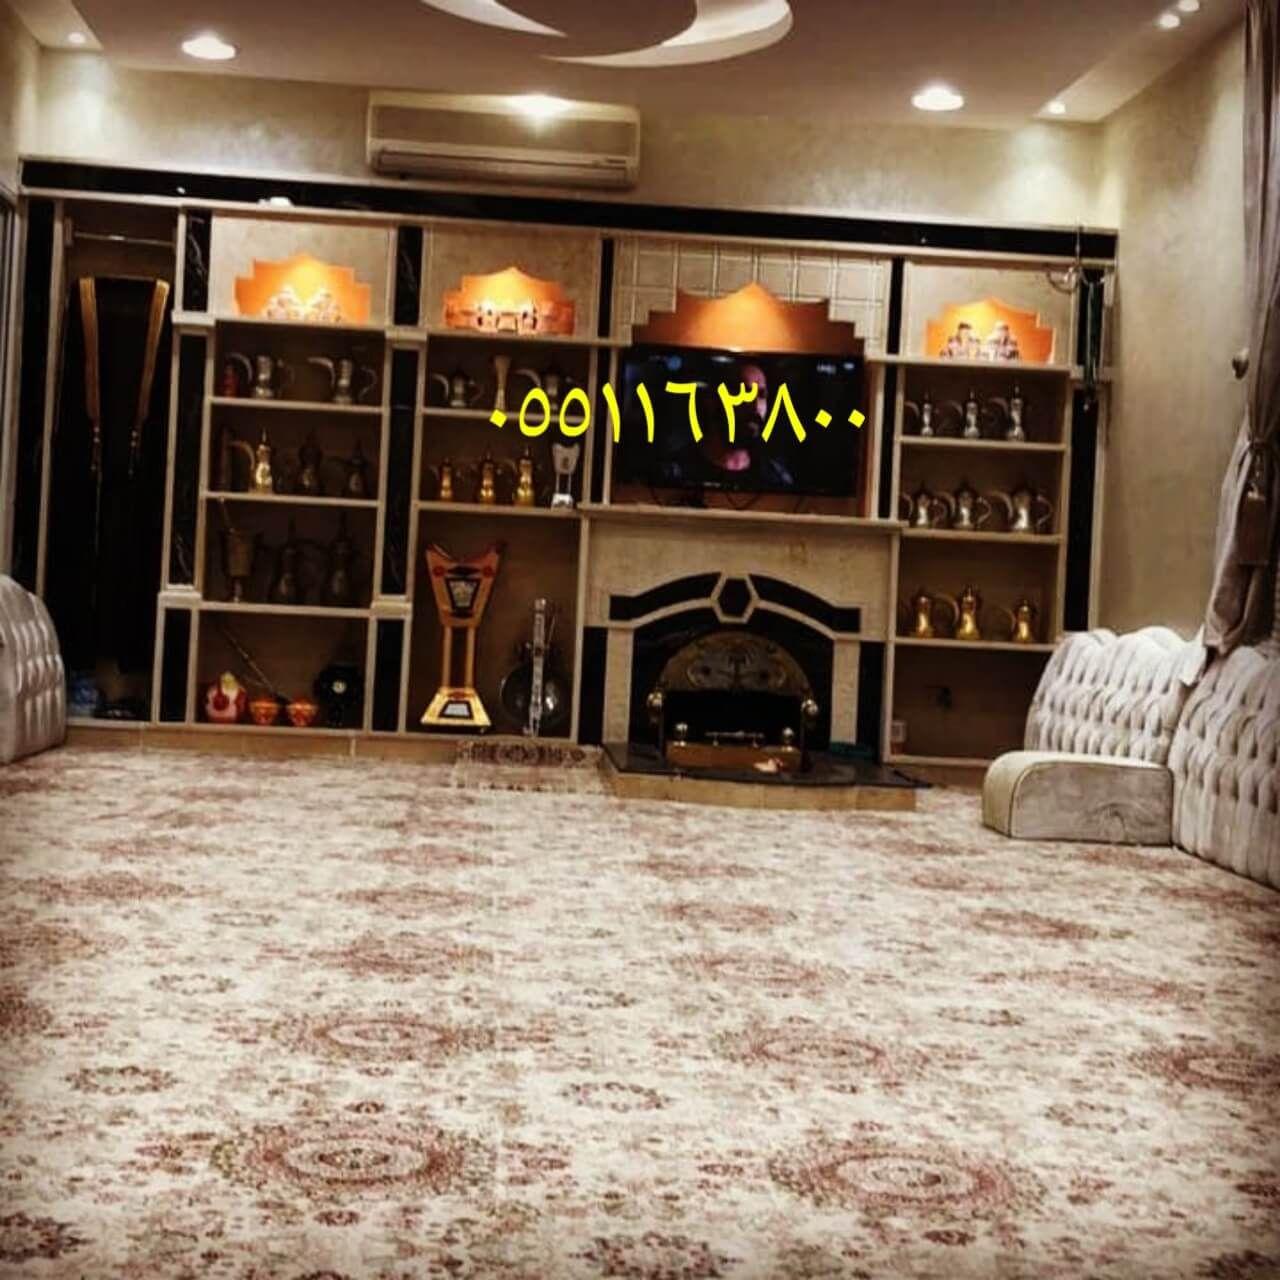 مشبات الرياض مشب مخفي مشب نادر شفاط مشب مشب زاويه مشب داخلي ديكور مشب مشب خربان تركيب مشب Home Decor Decor Fireplace